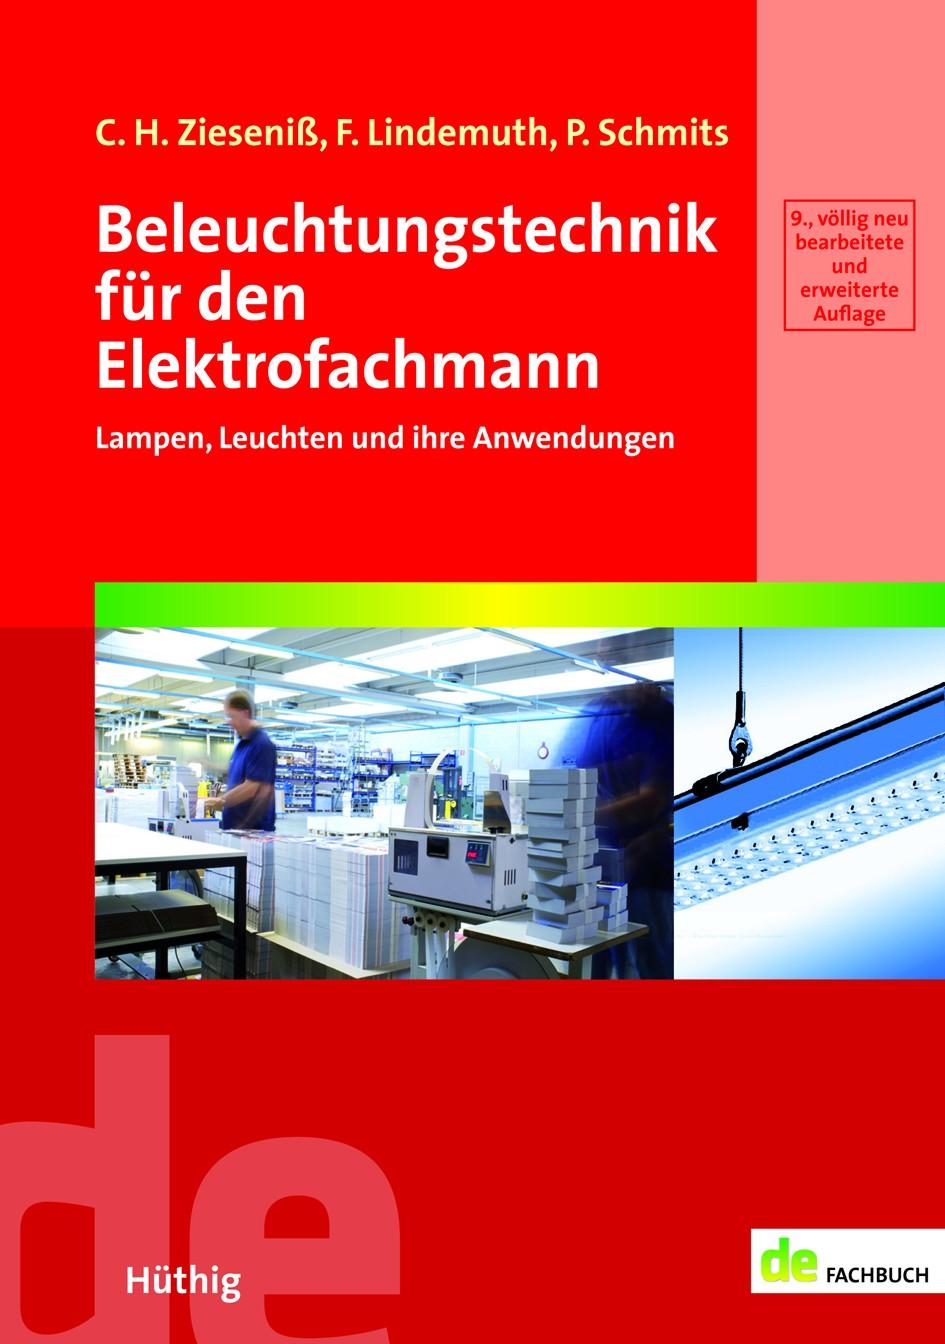 Beleuchtungstechnik für den Elektrofachmann